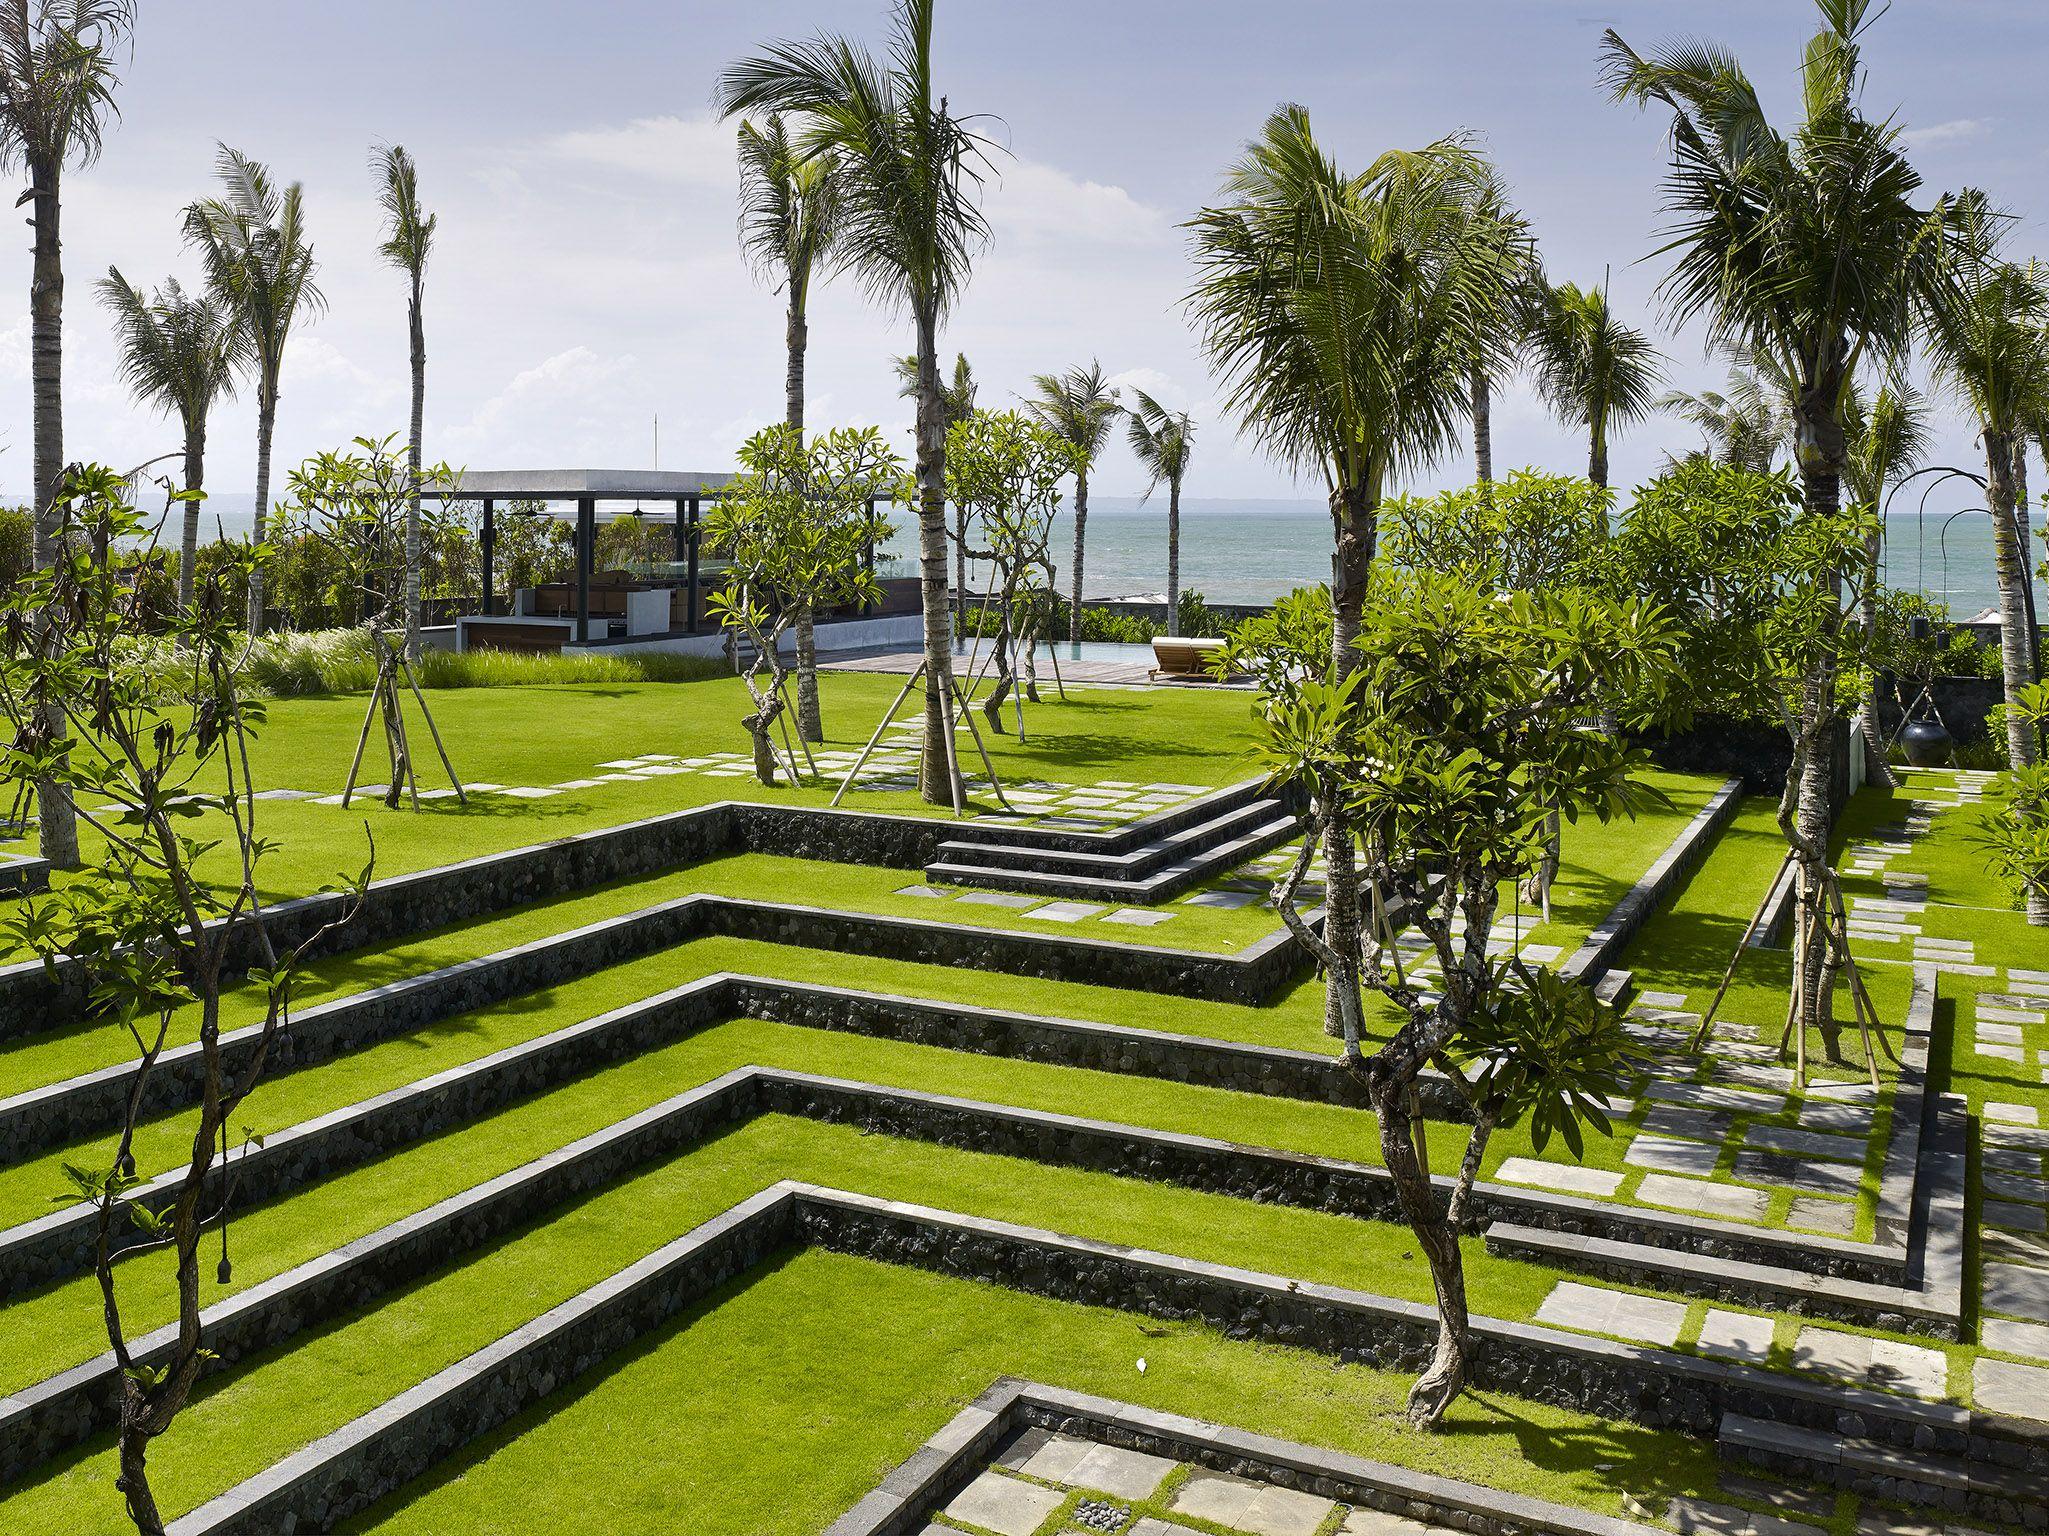 02-arnalaya beach house - terraced garden 2.jpg (2049×1536) | Zeus ...